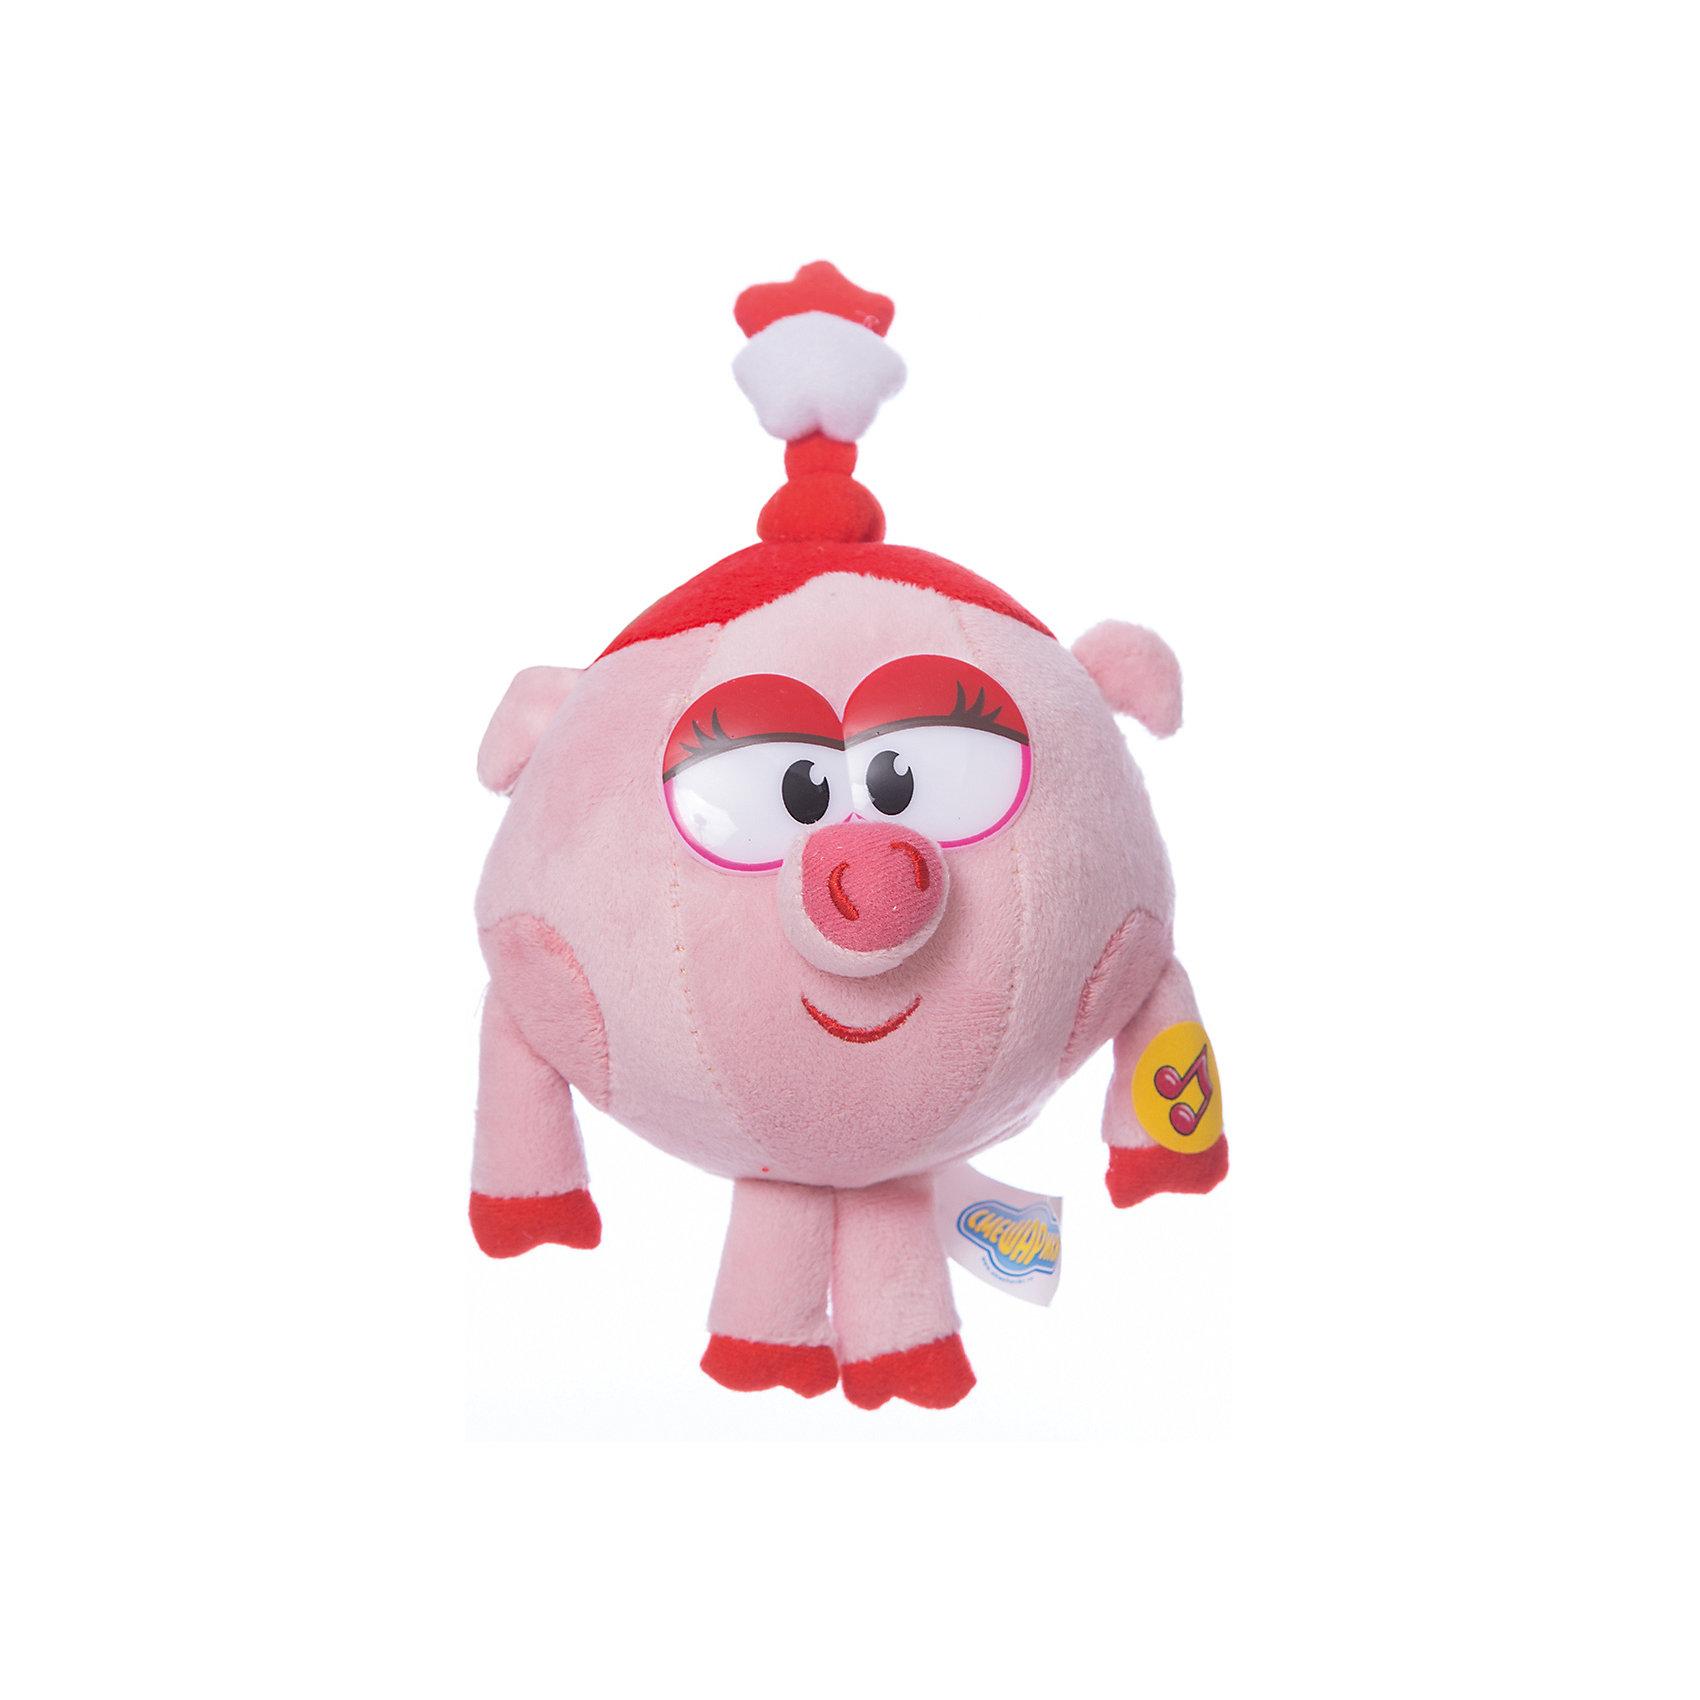 Нюша, 10 см, со звуком, Смешарики, МУЛЬТИ-ПУЛЬТИНюша, 10 см, со звуком, Смешарики, МУЛЬТИ-ПУЛЬТИ – это игрушка-приятель персонаж популярного российского мультфильма.<br>Мягкая игрушка Нюша из мультфильма Смешарики, станет незаменимым другом вашего малыша. Ребенок никогда не соскучится, потому что Нюша умеет произносить веселые фразы. Модница Нюша очень нарядная, а на головке у нее одета забавная косичка с бантиком. Игрушка выполнена из мягкого плюшевого материала.<br><br>Дополнительная информация:<br><br>- Размер: 10 см.<br>- Материал: плюш, синтепон, текстиль<br>- Батарейки: 3 х LR44 (входят в комплект)<br><br>Мягкую игрушку Нюша, 10 см, со звуком, Смешарики, МУЛЬТИ-ПУЛЬТИ можно купить в нашем интернет-магазине.<br><br>Ширина мм: 100<br>Глубина мм: 100<br>Высота мм: 100<br>Вес г: 150<br>Возраст от месяцев: 36<br>Возраст до месяцев: 84<br>Пол: Женский<br>Возраст: Детский<br>SKU: 3802643